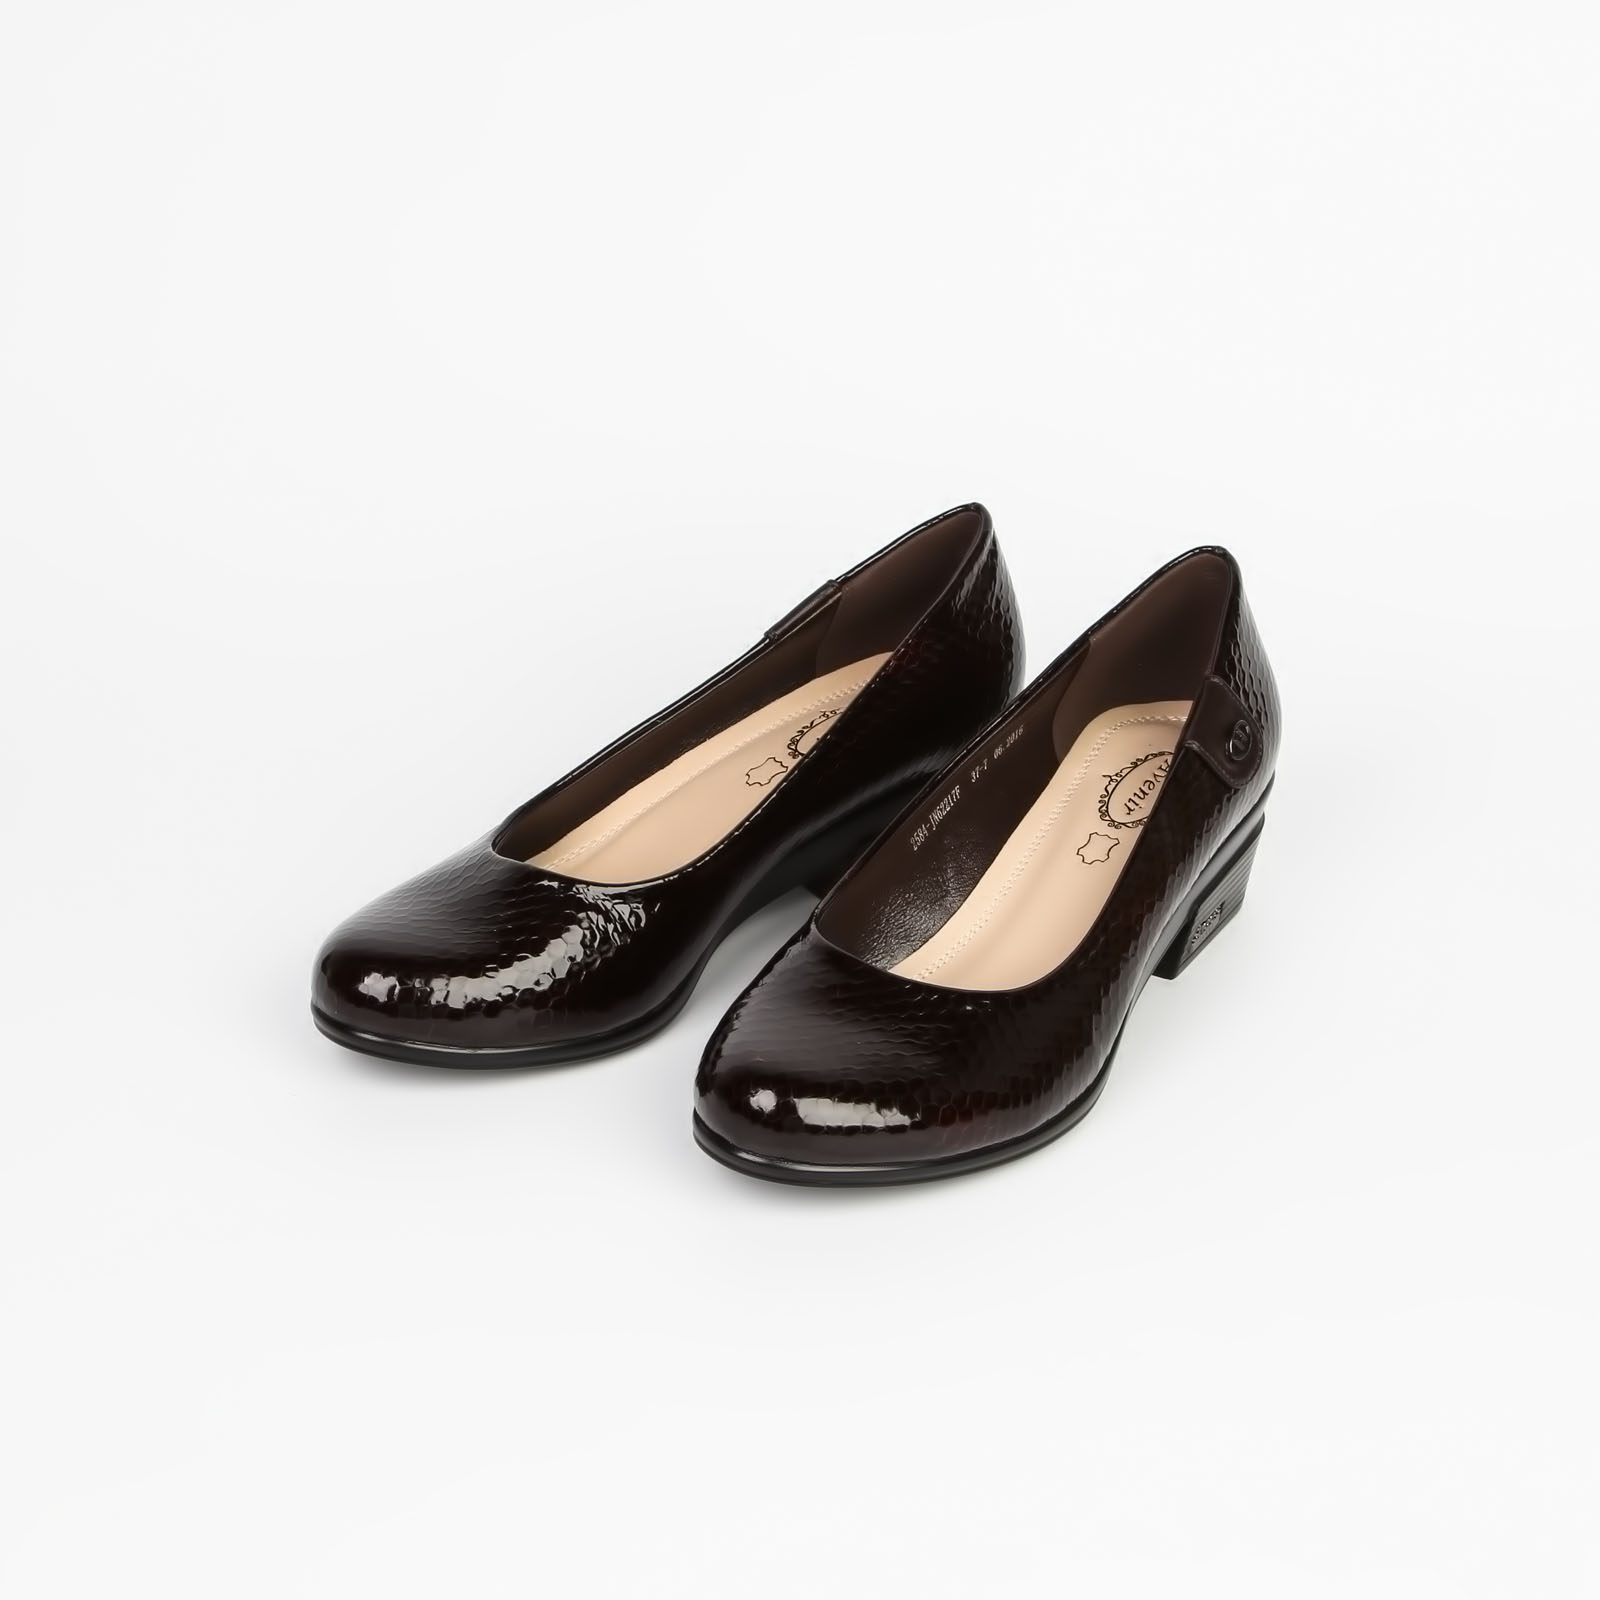 Туфли женские лакированные под «рептилию» на устойчивом каблуке